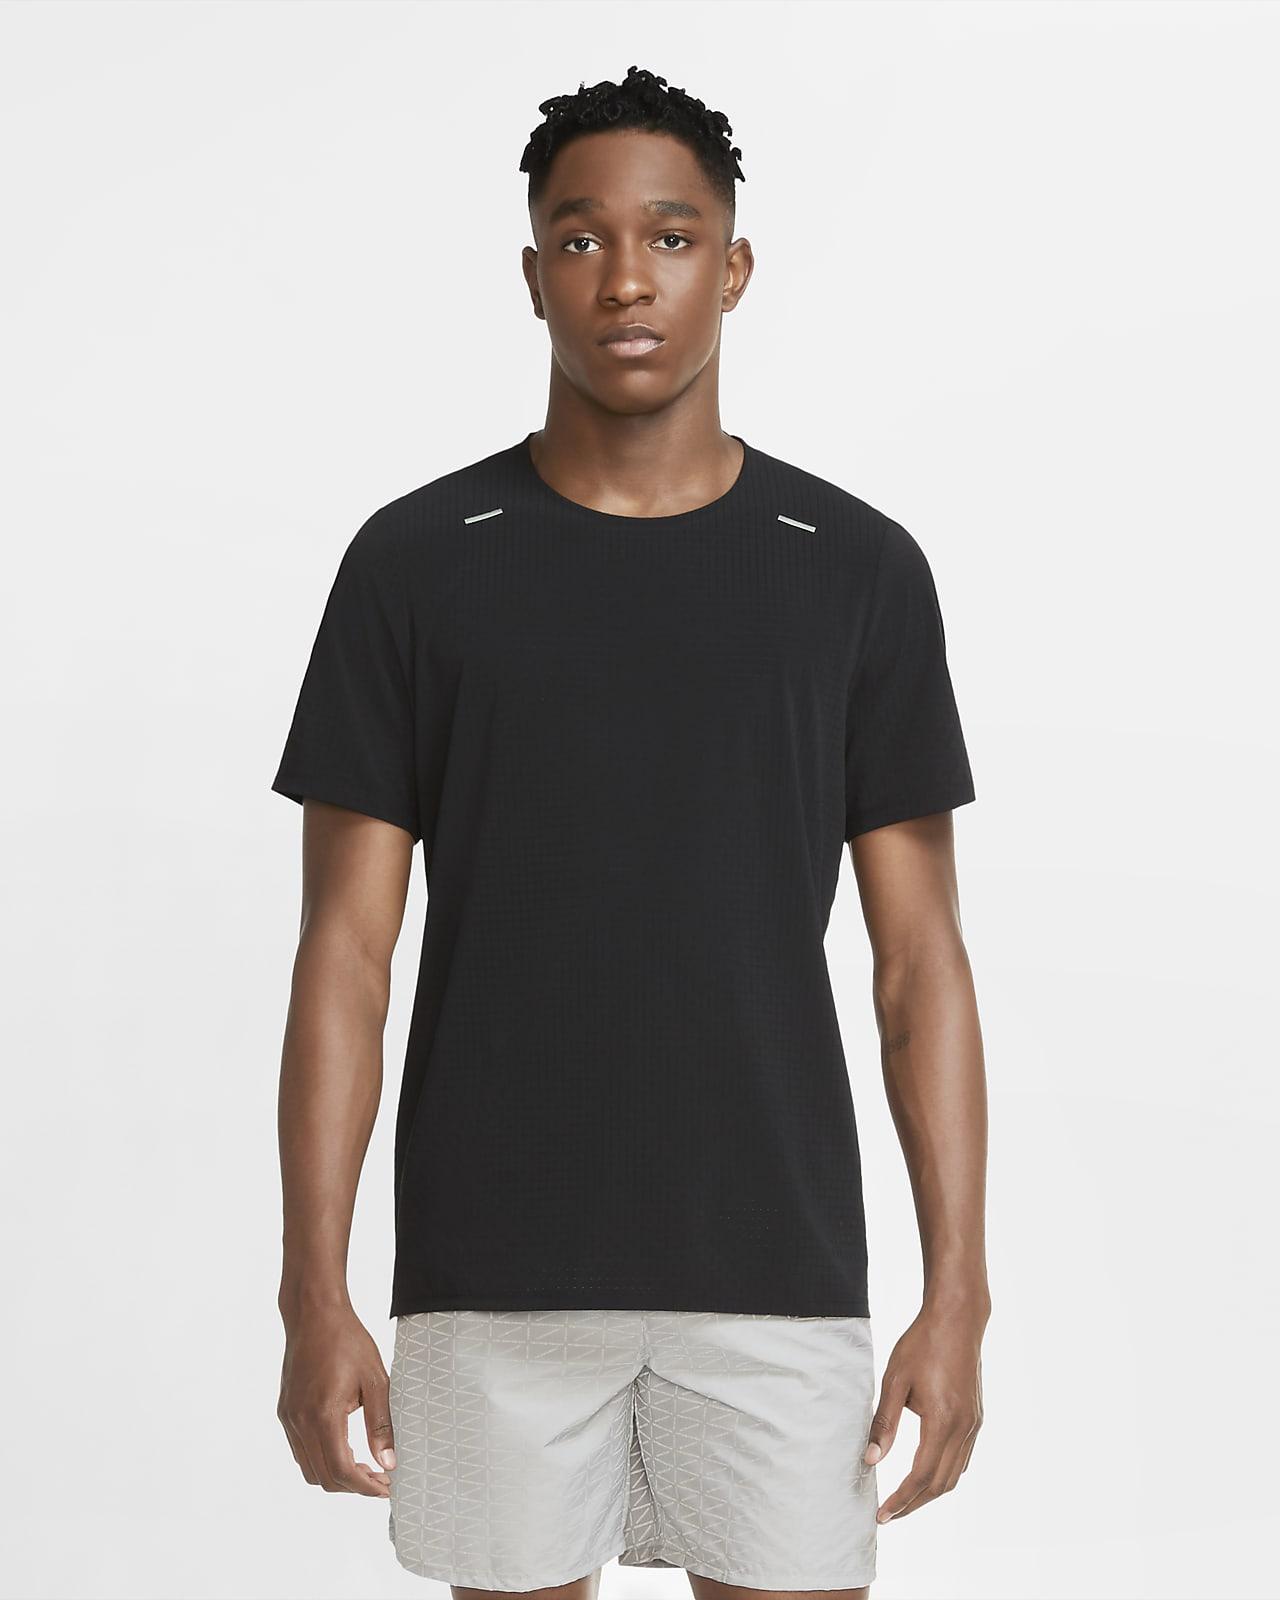 เสื้อวิ่งแขนสั้นผู้ชาย Nike Run Division Adapt